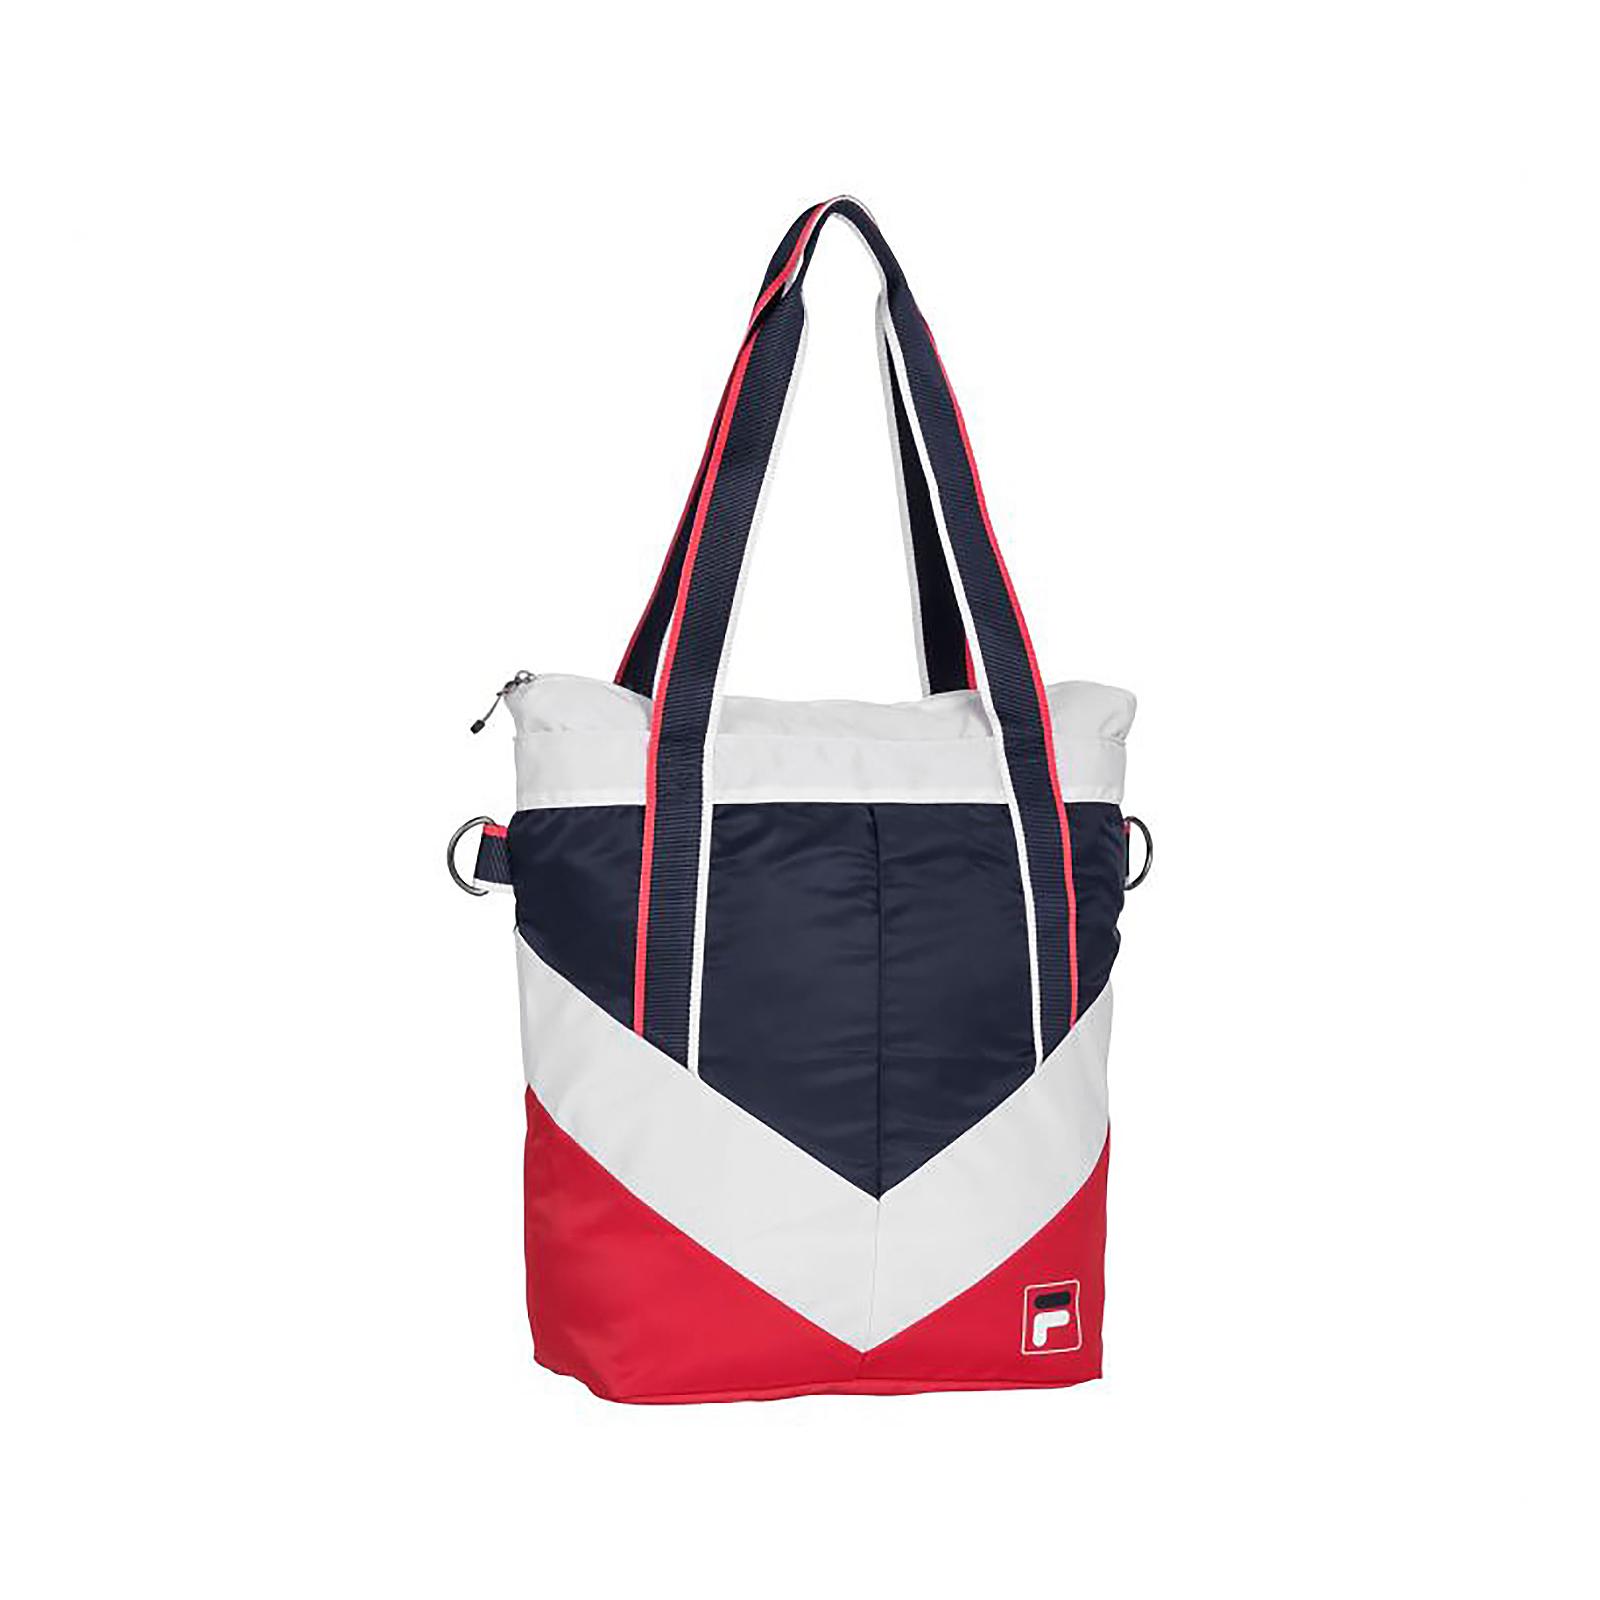 Fila Shopper Sport Multicolor Borse Ebay Color Blocking Tracolla A PrPqB